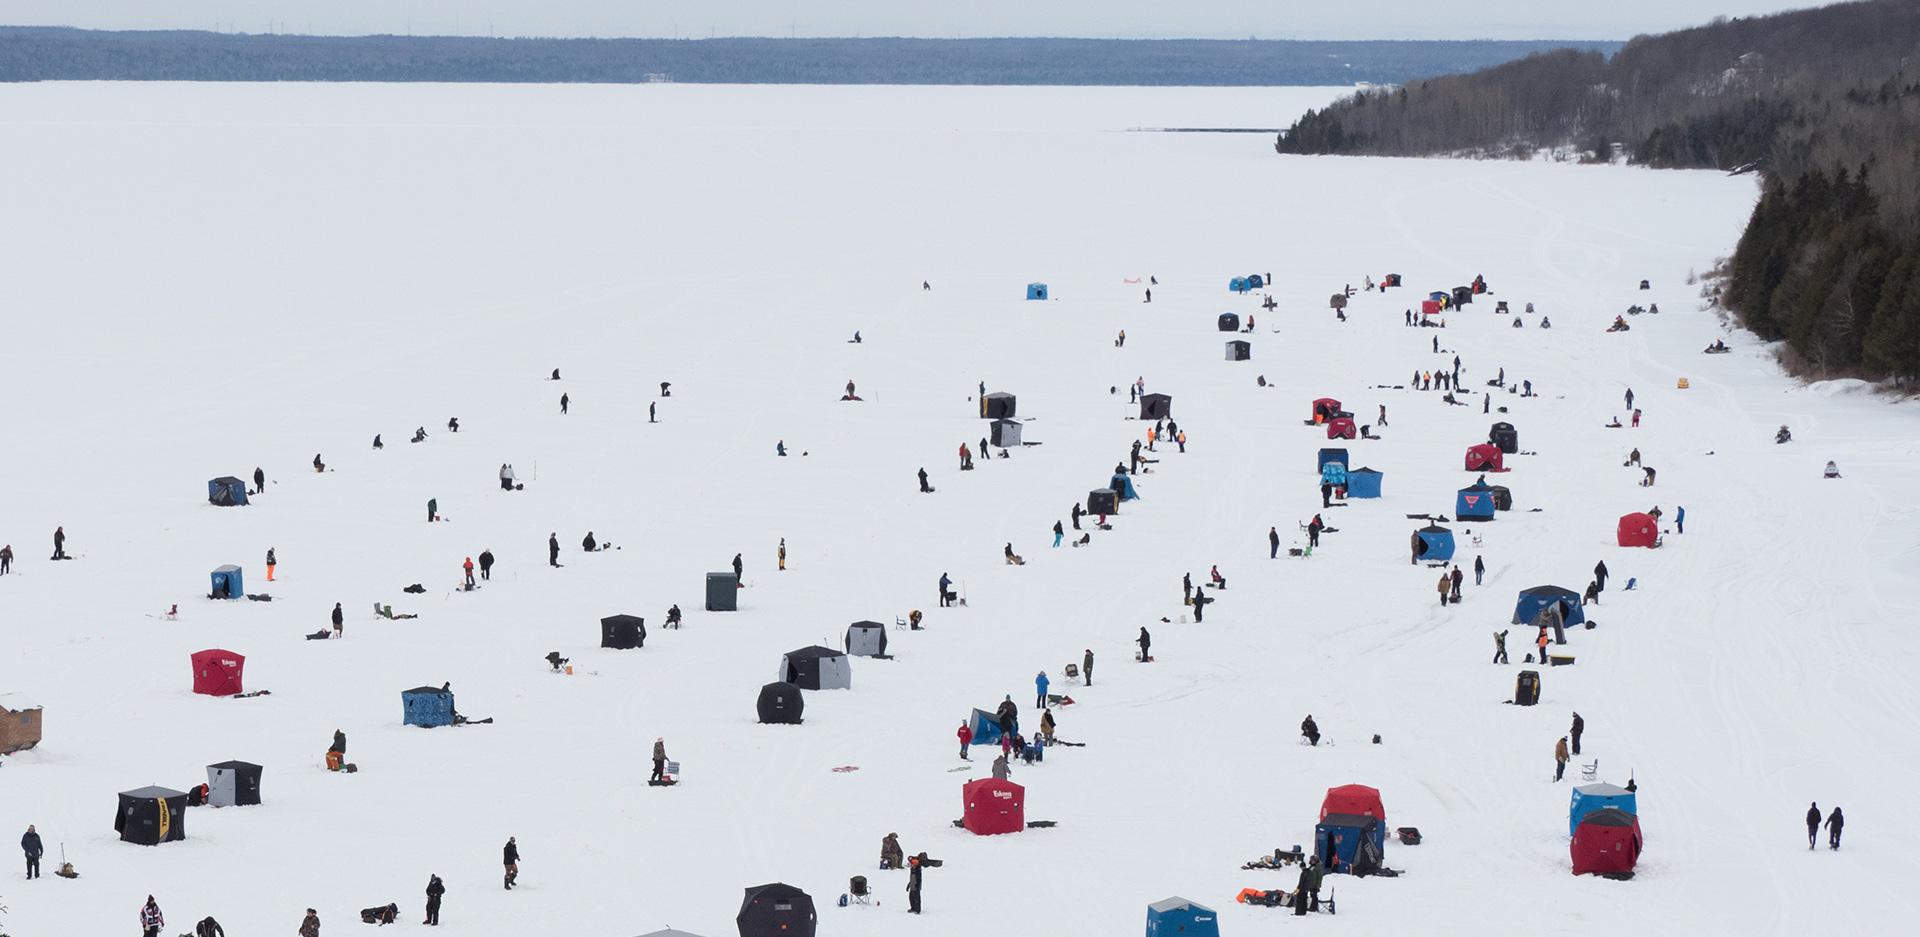 Wikwemikong Ice Fishing Derby (Photo:  Wiikwemikoong.ca )